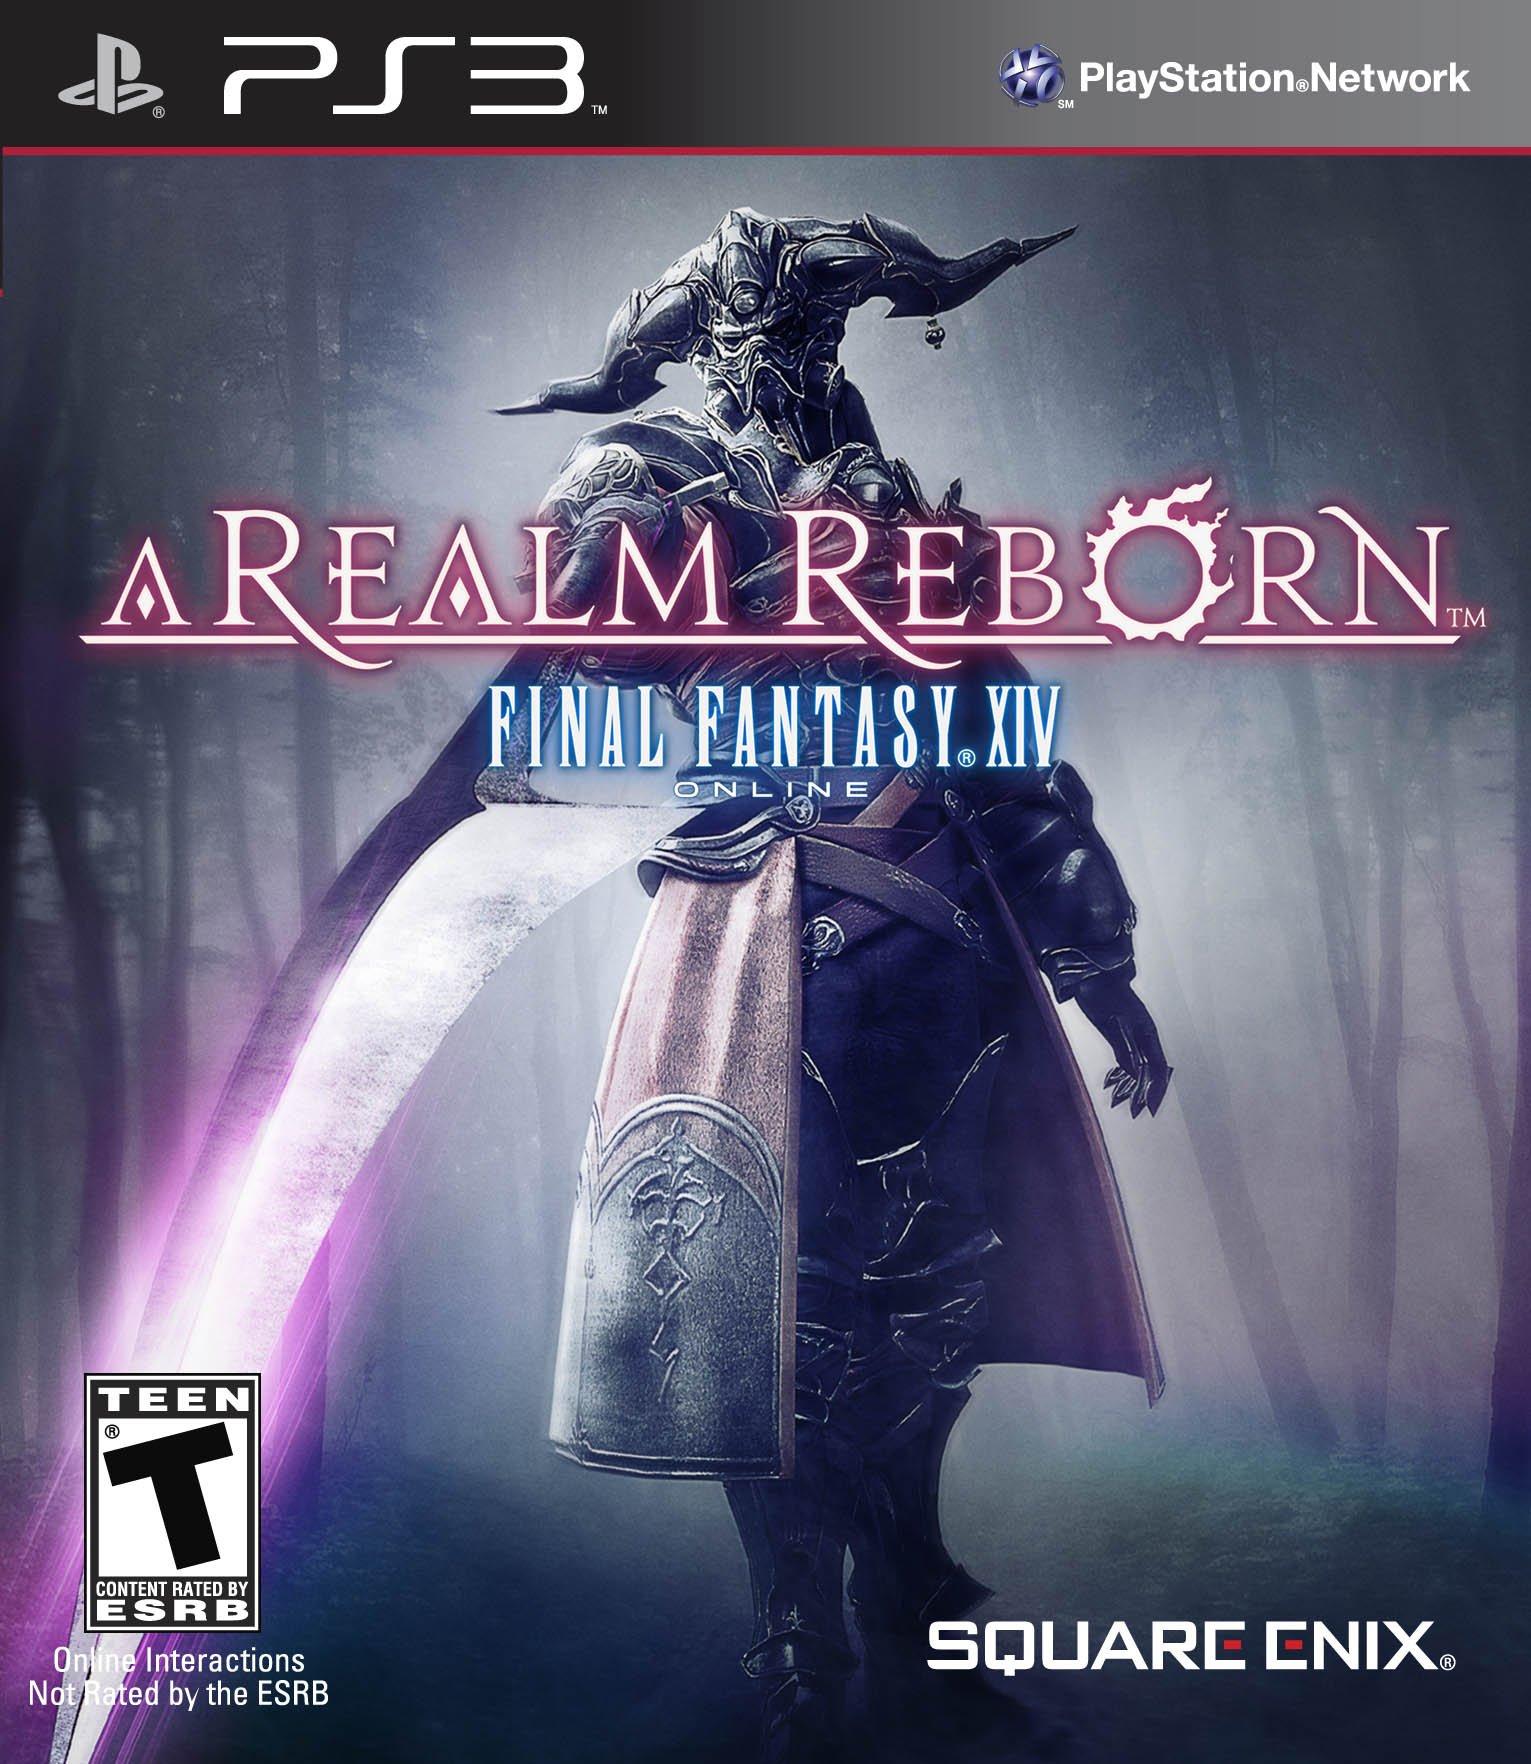 Final fantasy 14 release date